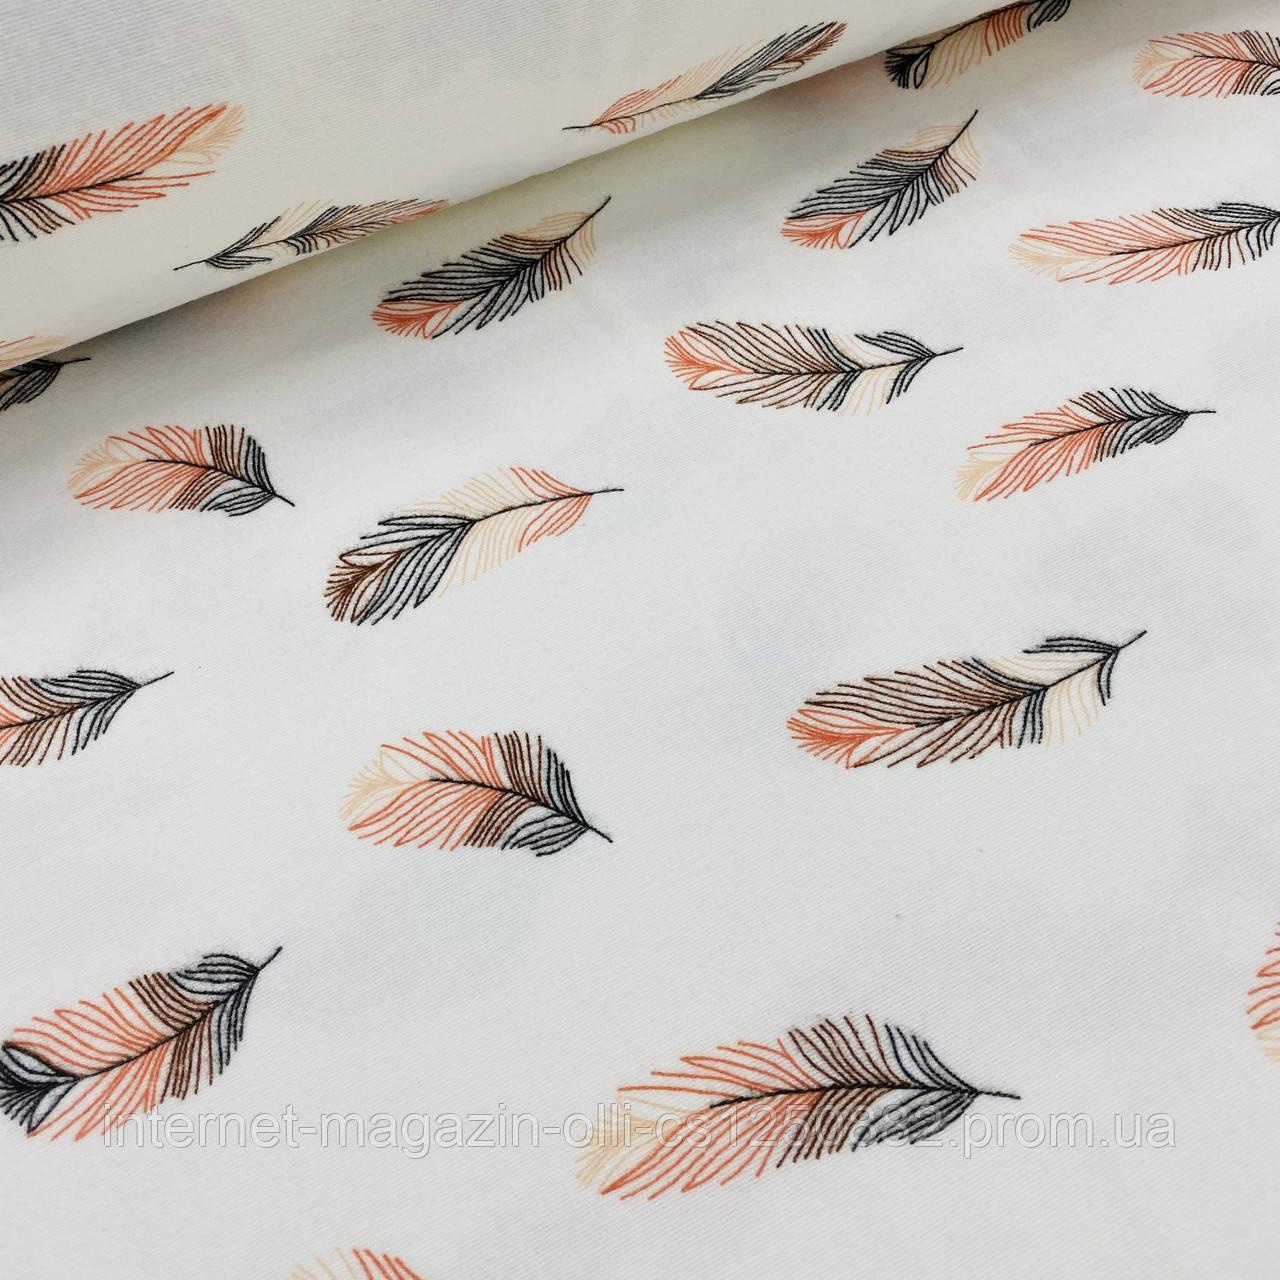 Фланелевая ткань перья розово-черные на белом (шир. 2,4 м)